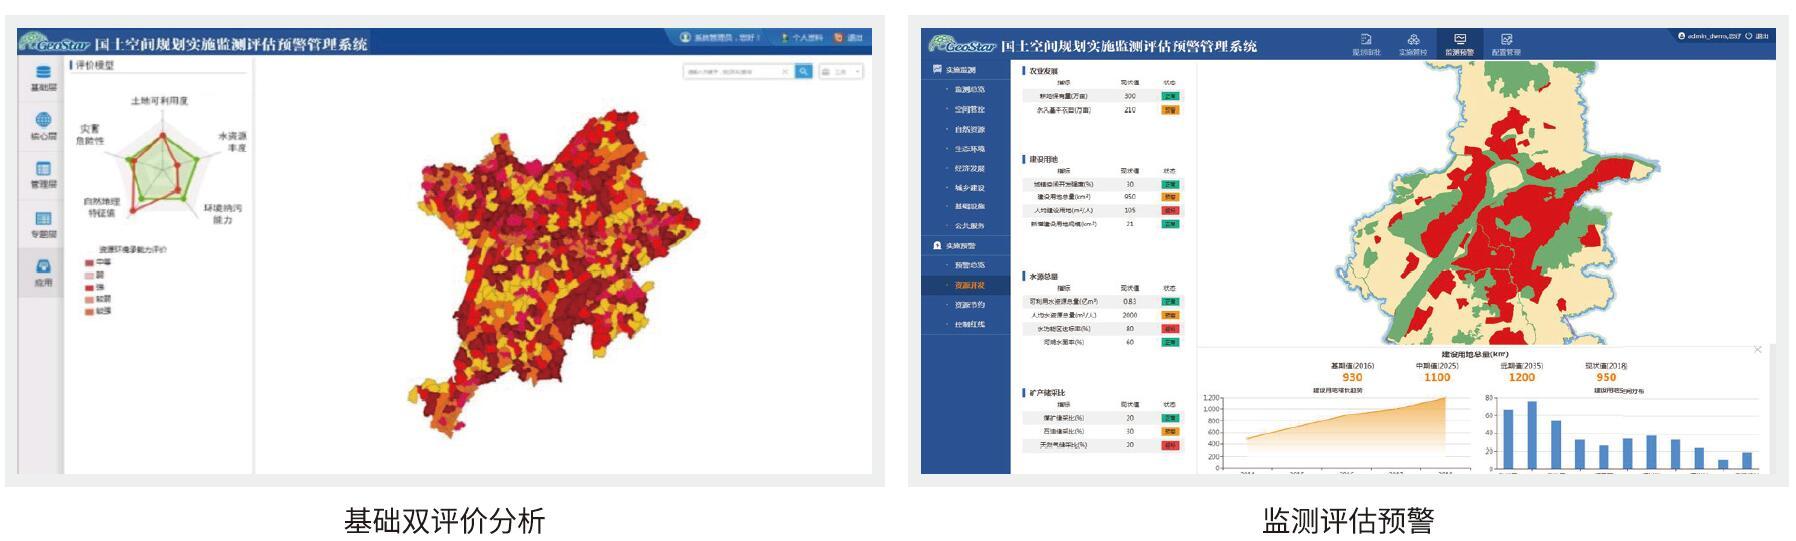 武大十博国土空间规划监测评估预警管理系统十博最佳体育平台-网站版图-6